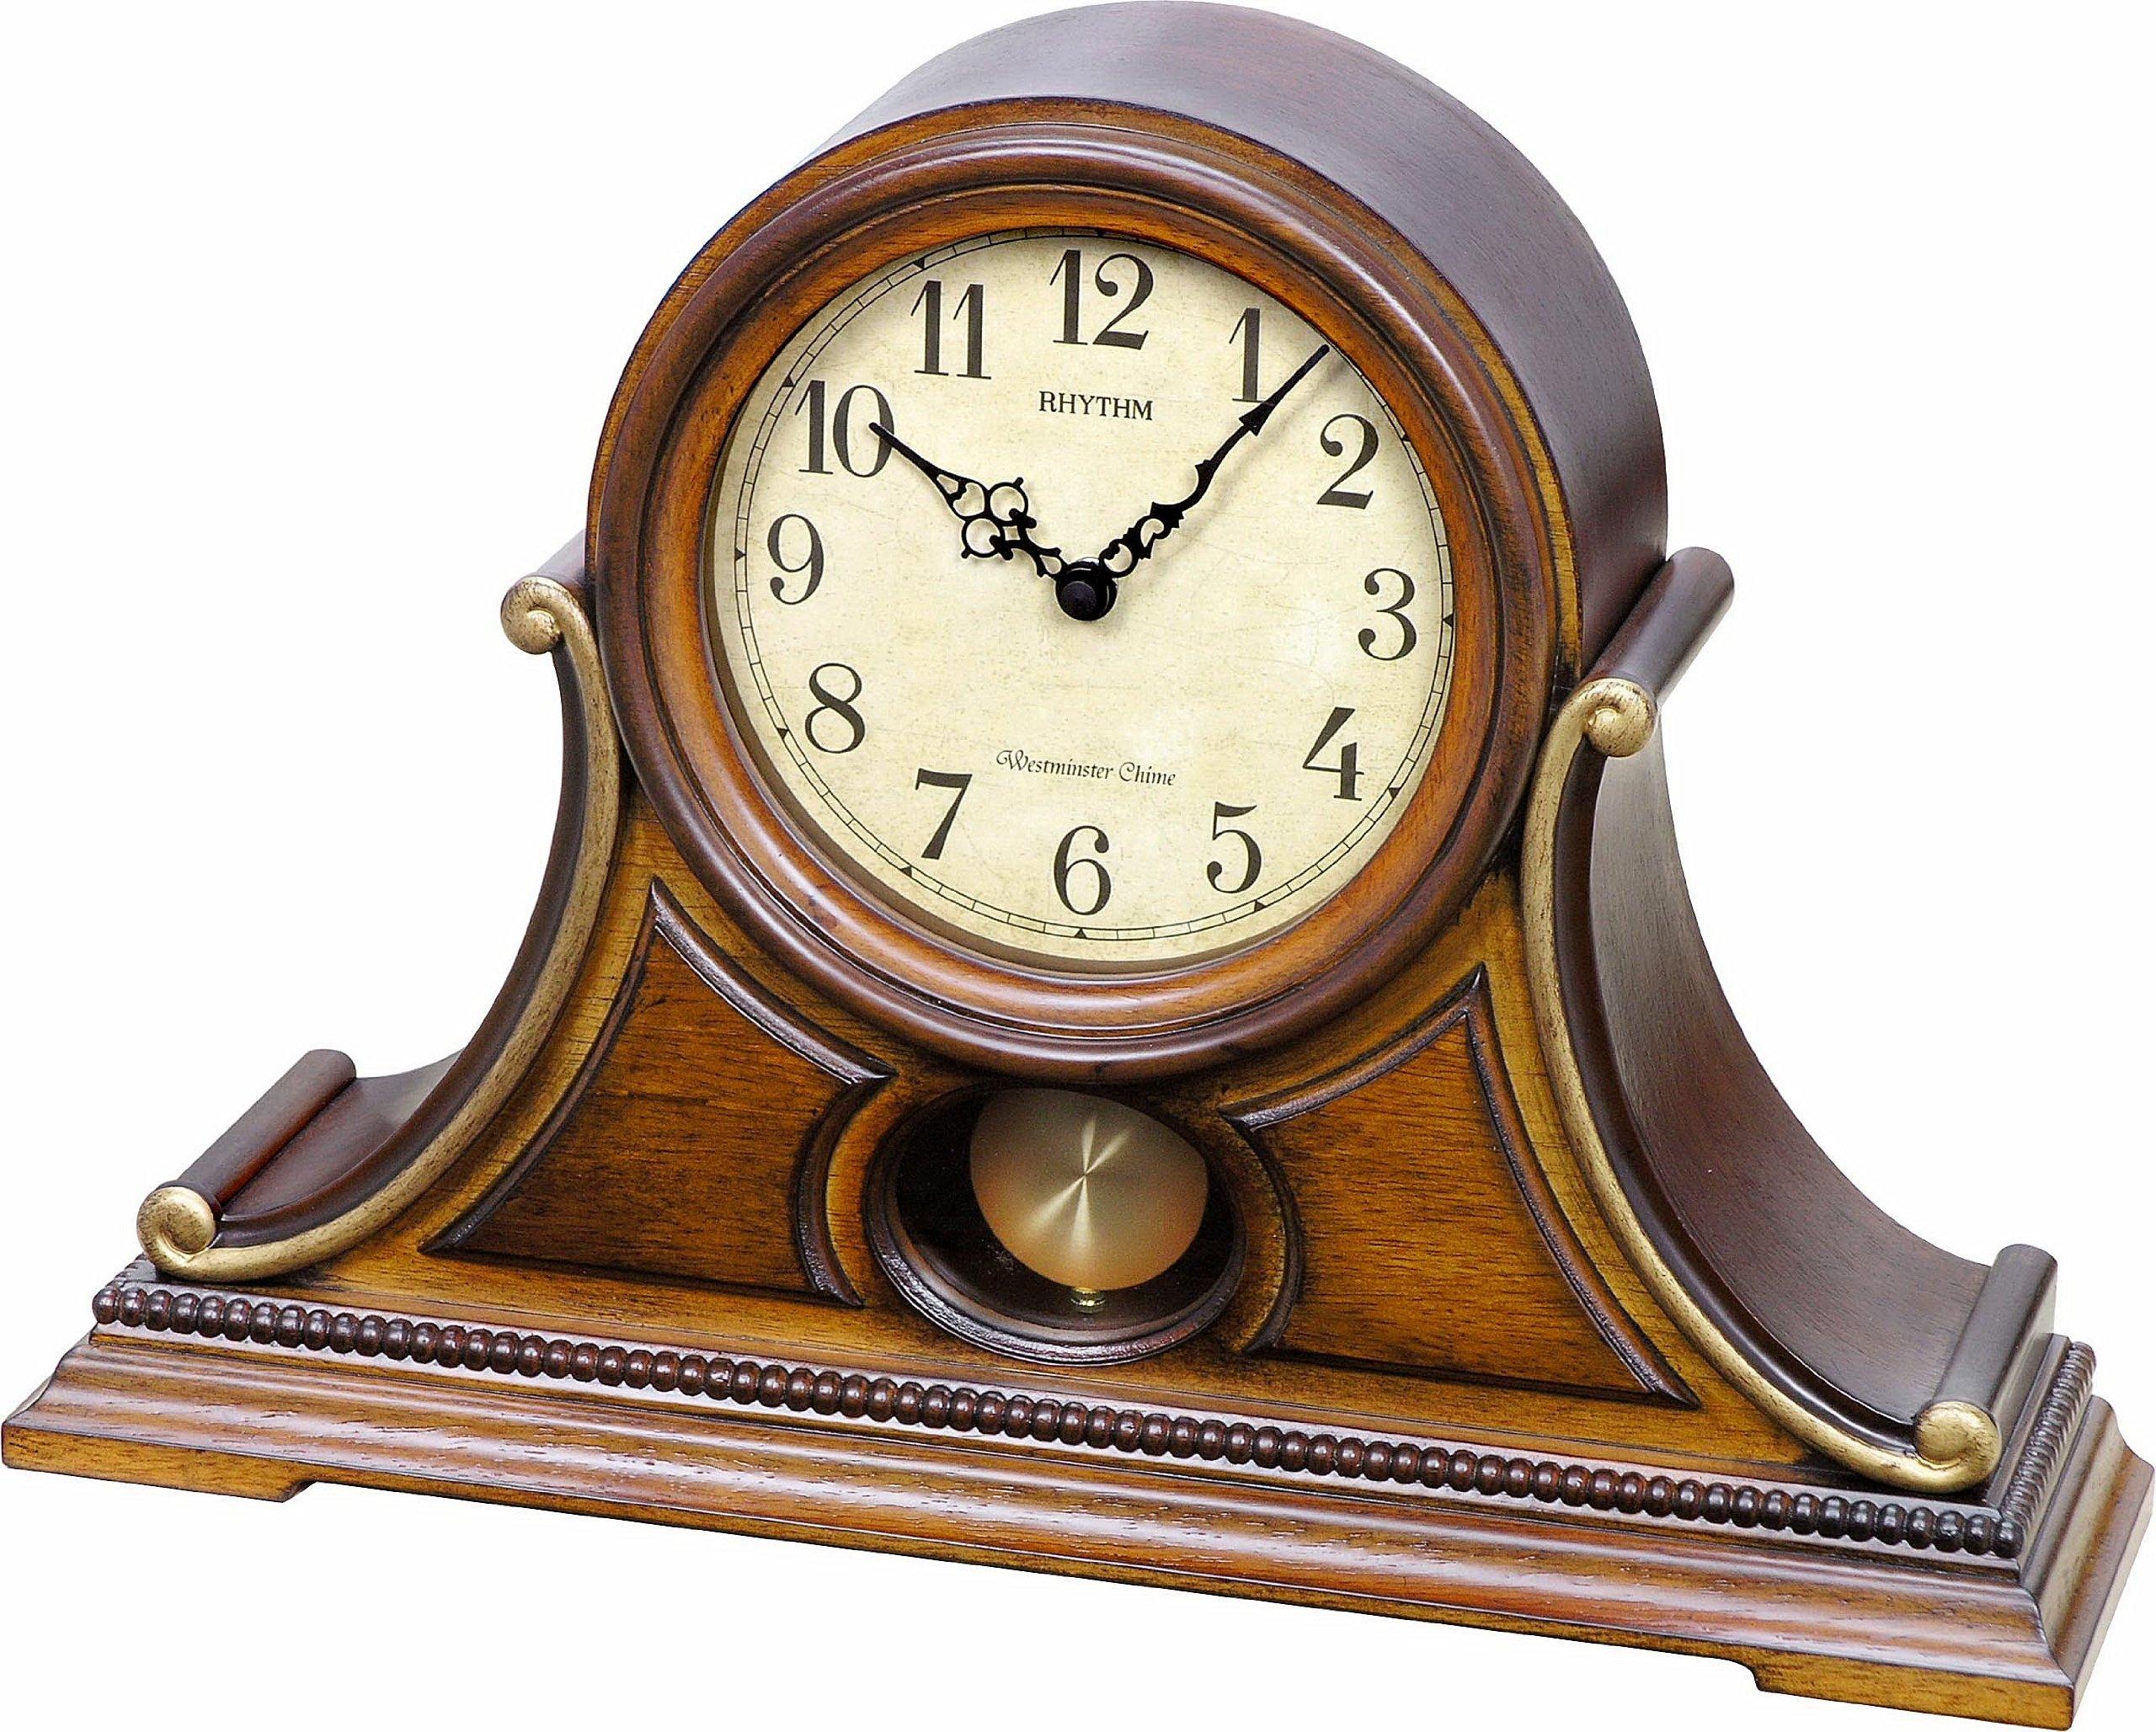 Rhythm Clocks ''Tuscany II'' Wooden Musical Mantel Clock by Rhythm Clocks